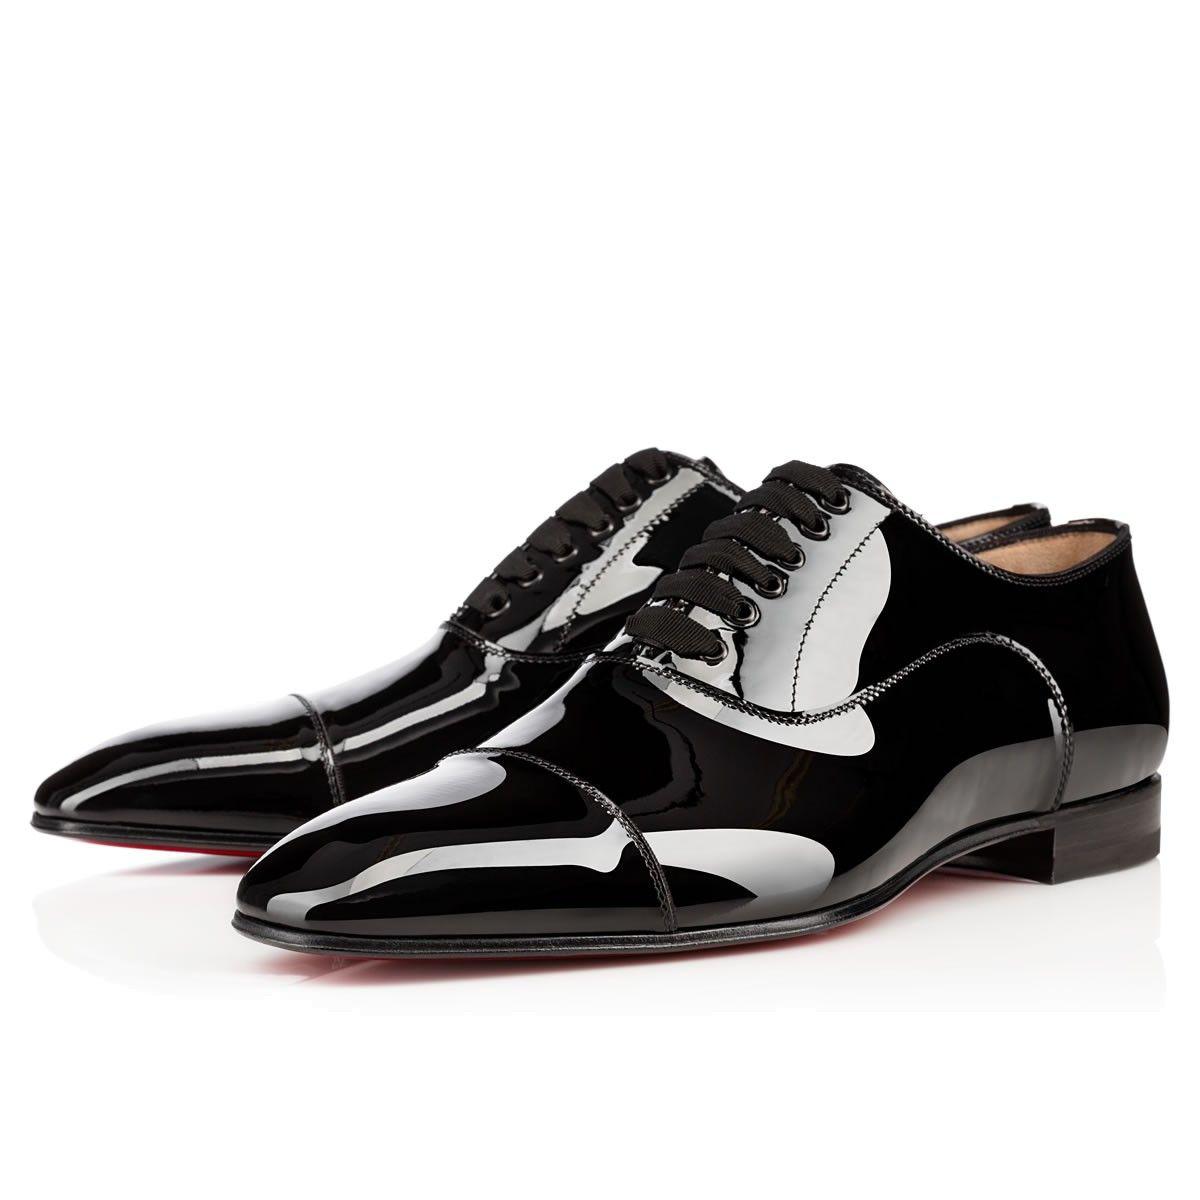 Новая Горячая Мода Красная Нижняя Обувь Грегго Орлато Плоская Натуральная Кожа Оксфорд Обувь Мужская Ходьба Квартиры Свадьба Лезвия Мужская Обувь